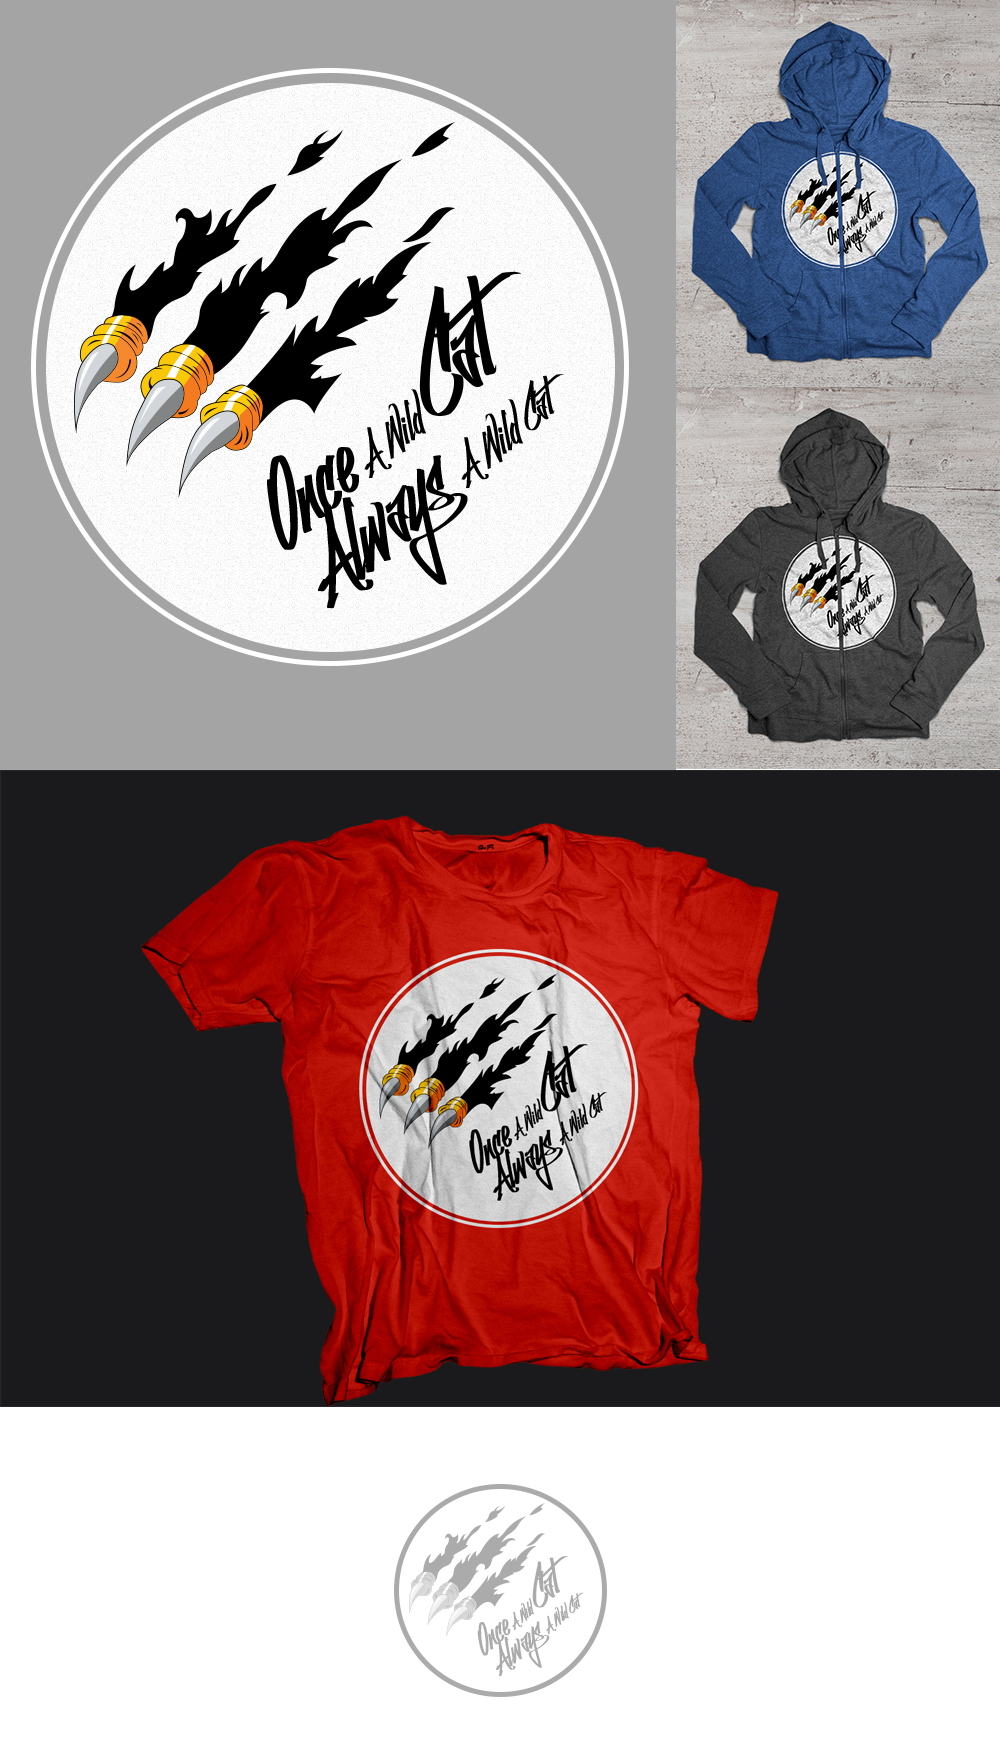 Winning T-shirt Design by Rocky Recherche